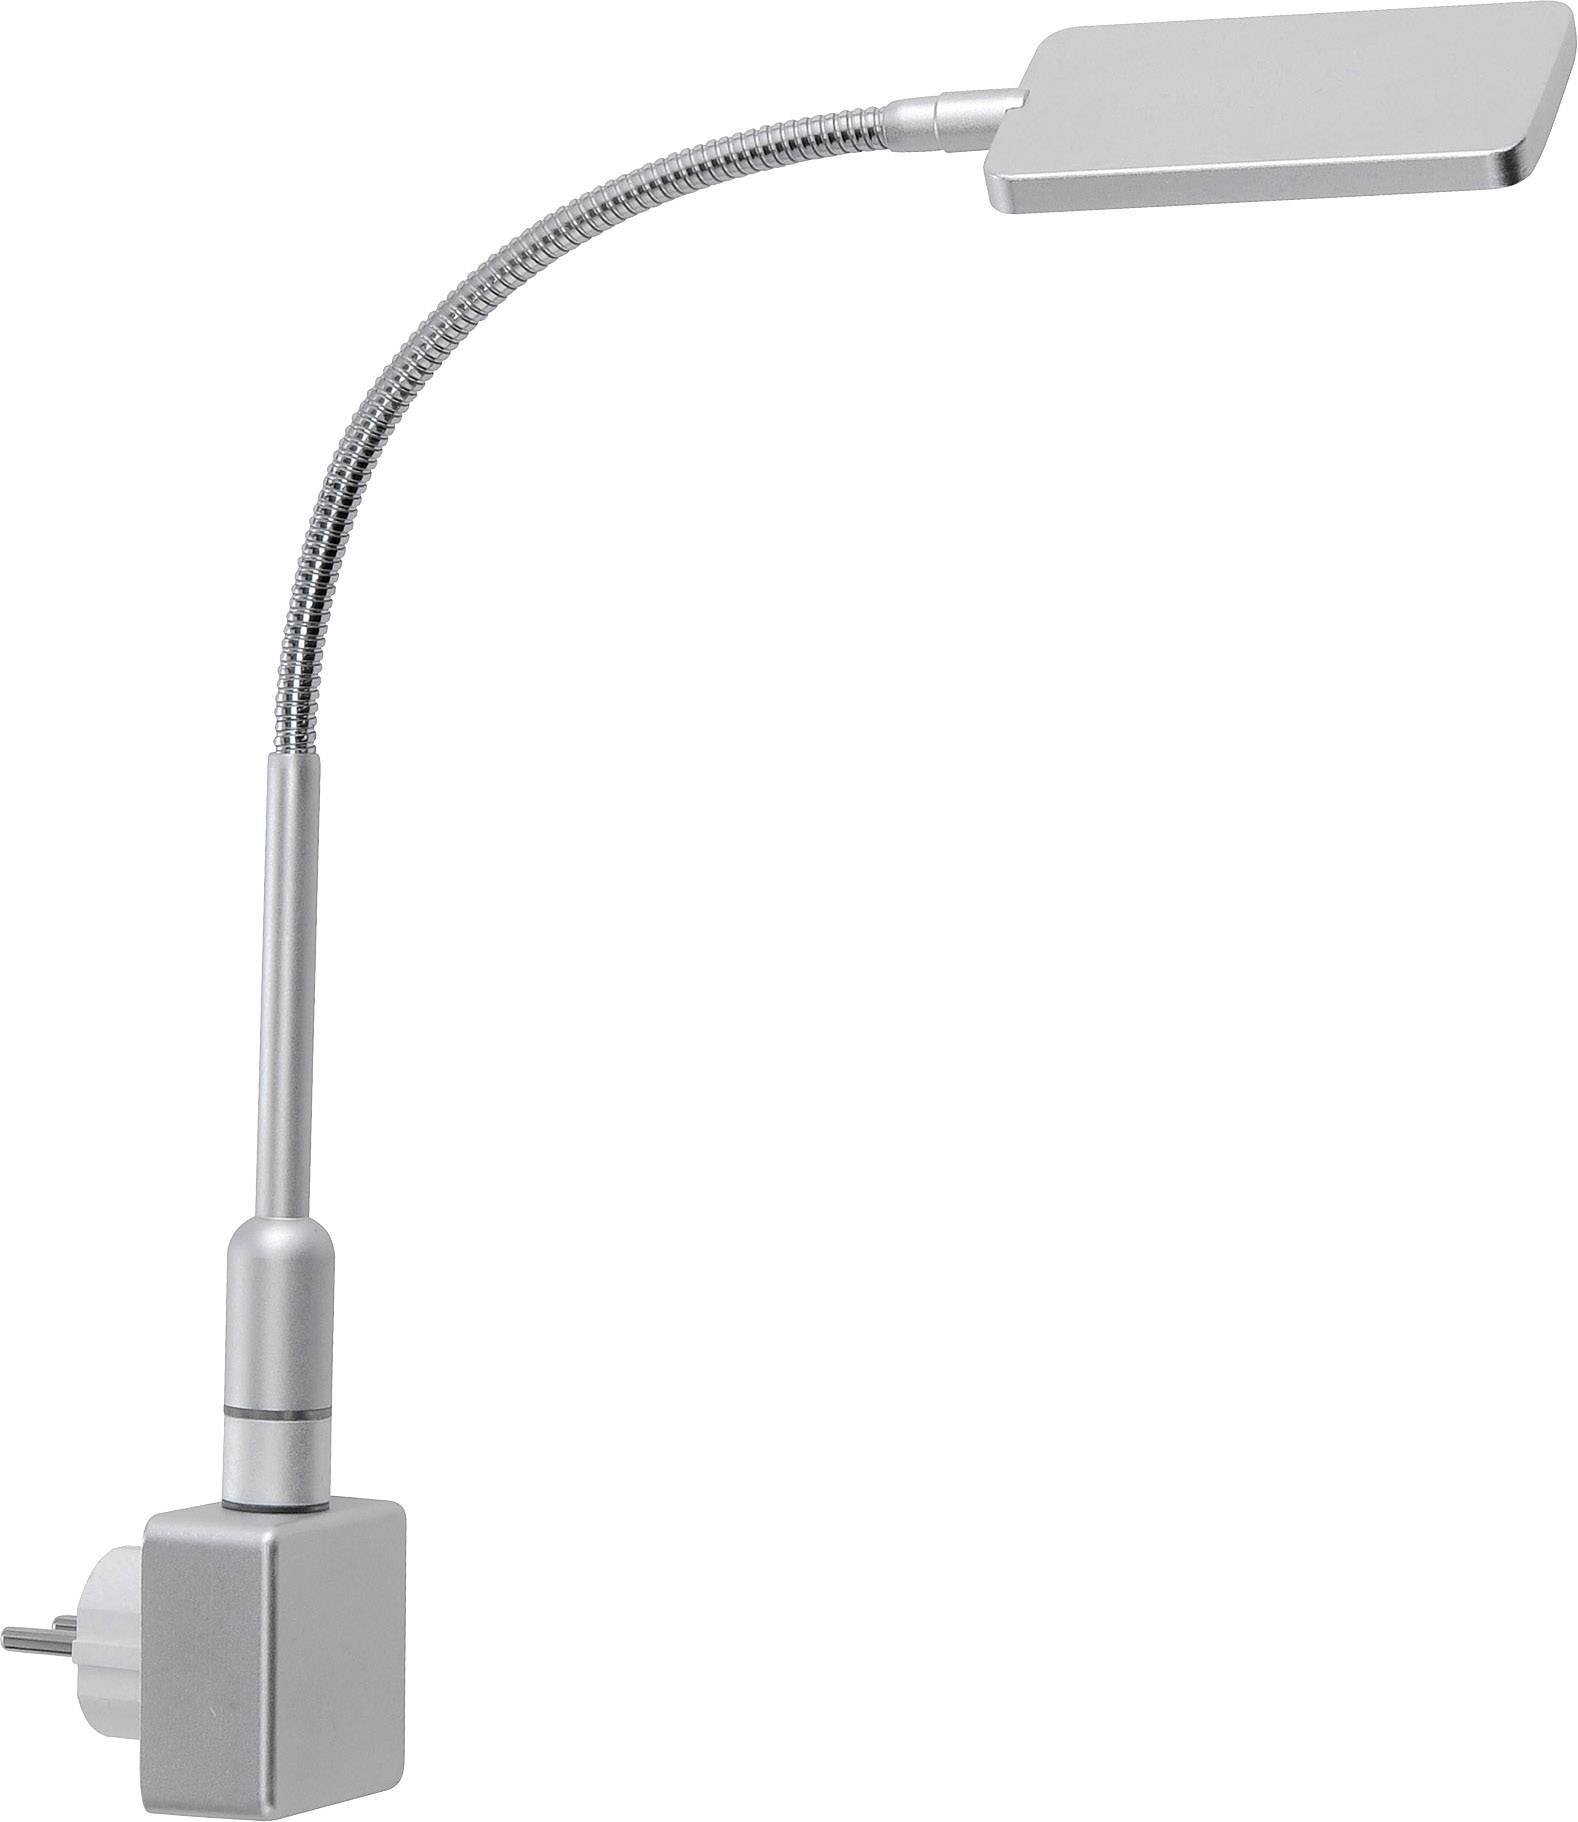 LED svietidlo do zásuvky Paul Neuhaus Juby 4138-55, 3 W, teplá biela, oceľová